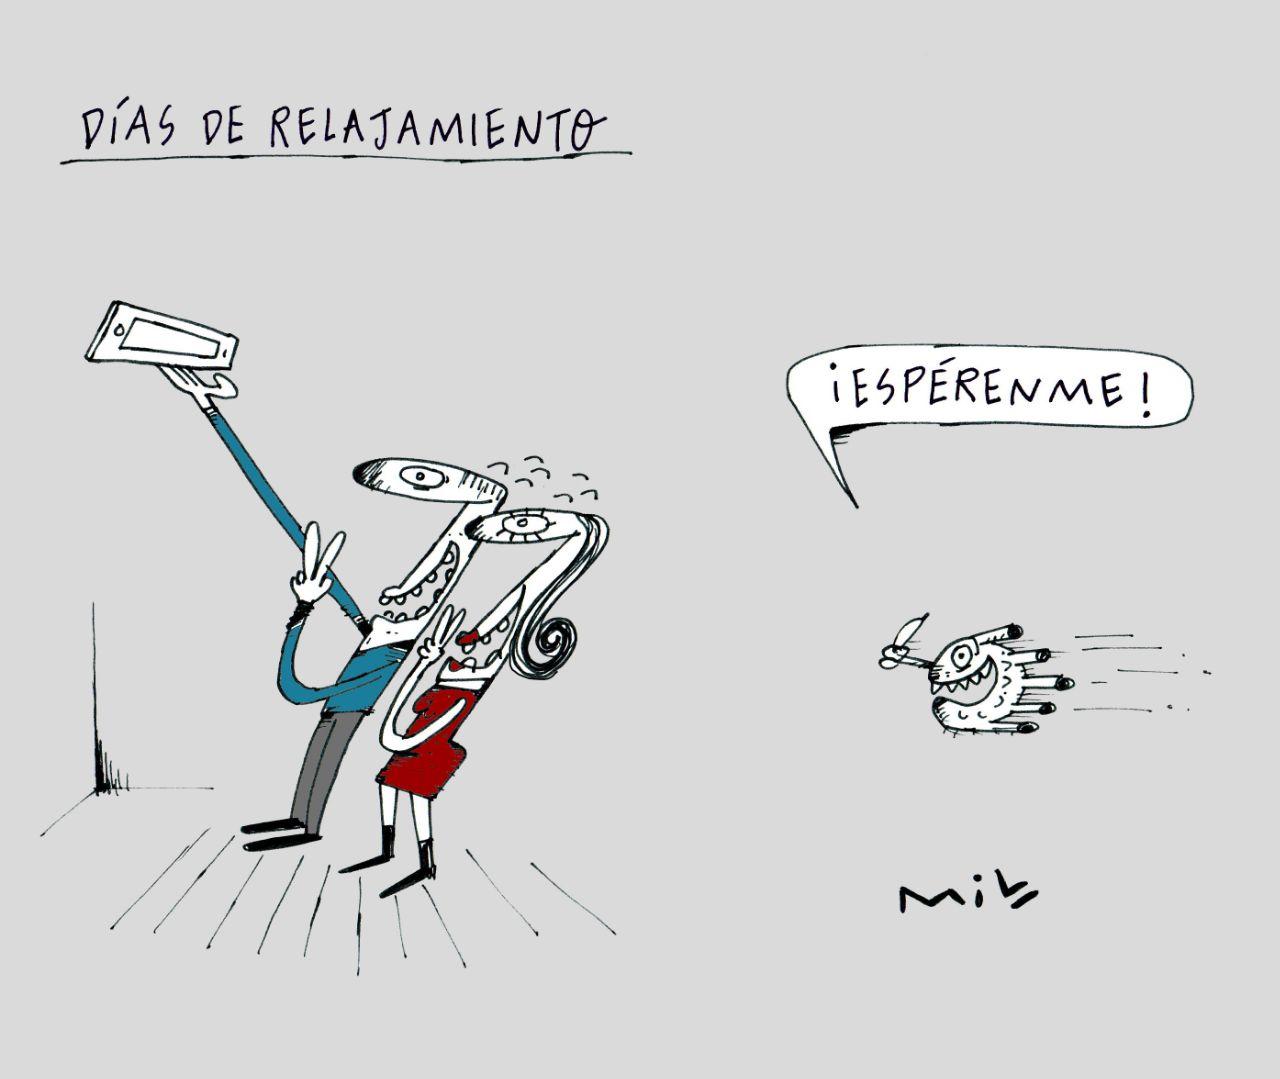 Días de relajamiento - #Caricaturas7días 1